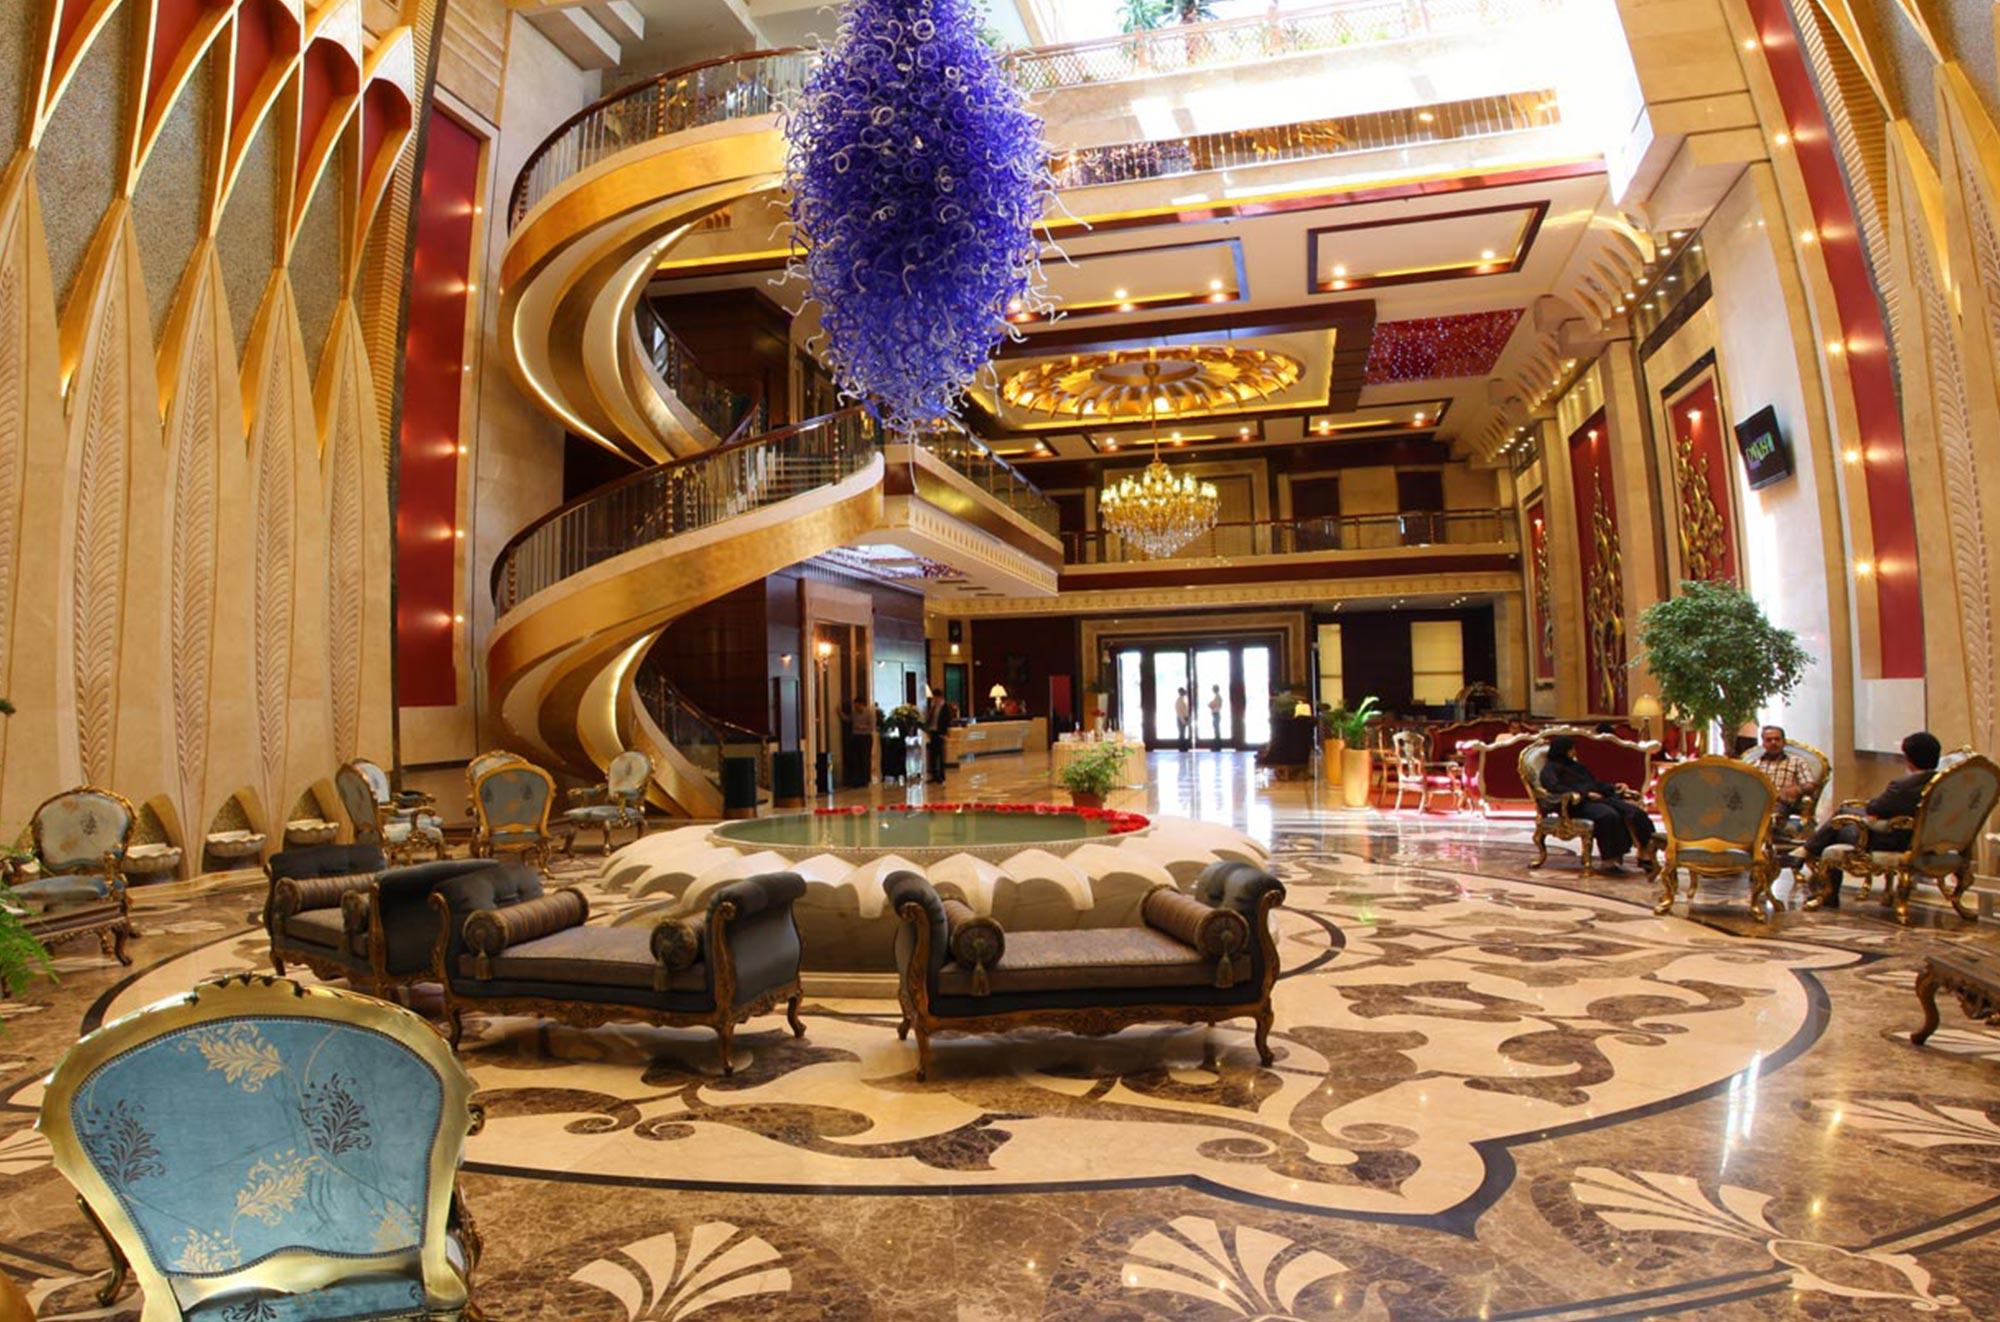 برخی توریستها نمیدانند در مشهد فرودگاه و هتل چندستاره وجود دارد - صبح امروز خراسان رضوی